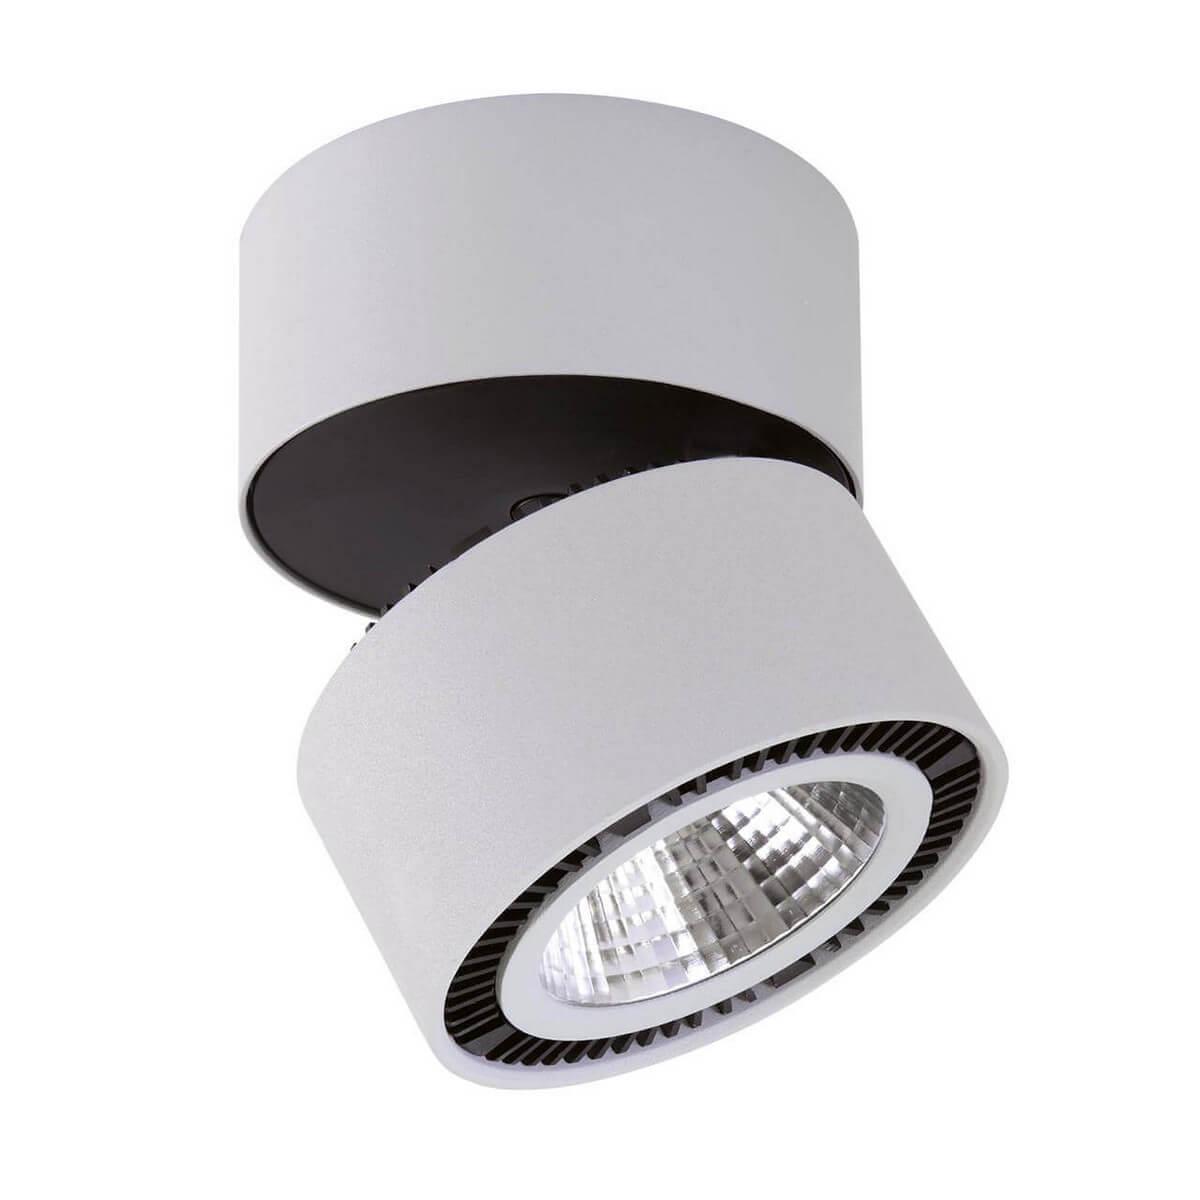 Светильник Lightstar 213830 Forte Muro потолочный светодиодный светильник lightstar forte muro 213839